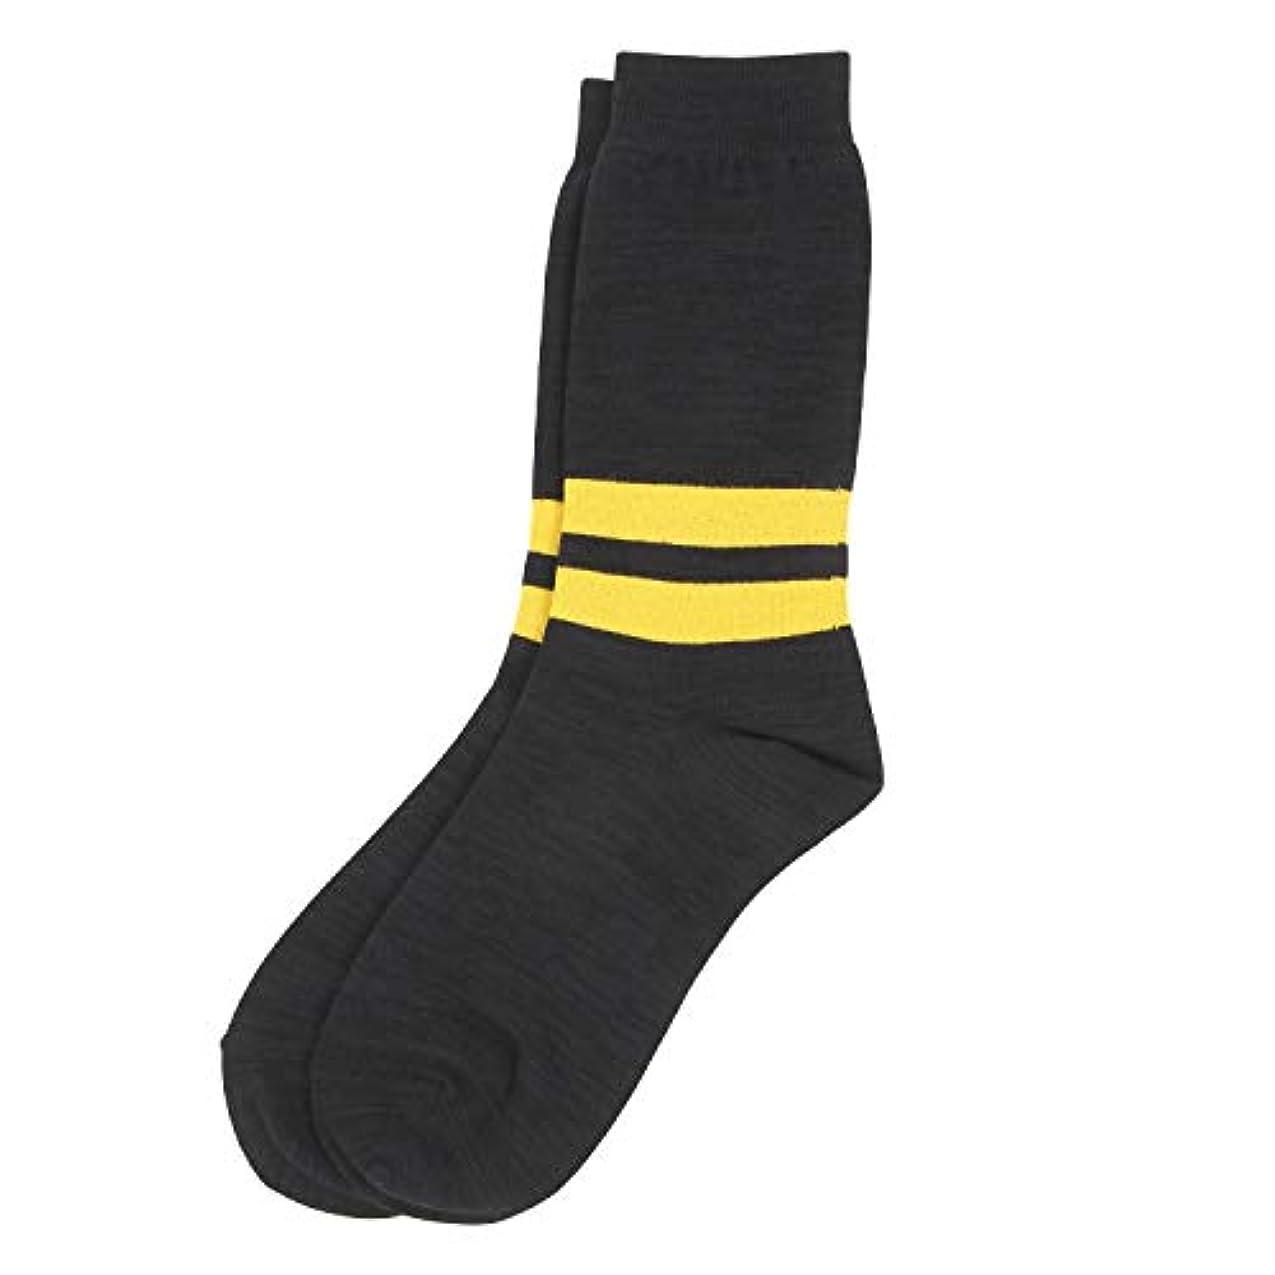 理論的近代化熟練したDeol(デオル) ラインソックス 男性用 メンズ [足のニオイ対策] 長期間持続 日本製 無地 靴下 黒 25cm-27cm